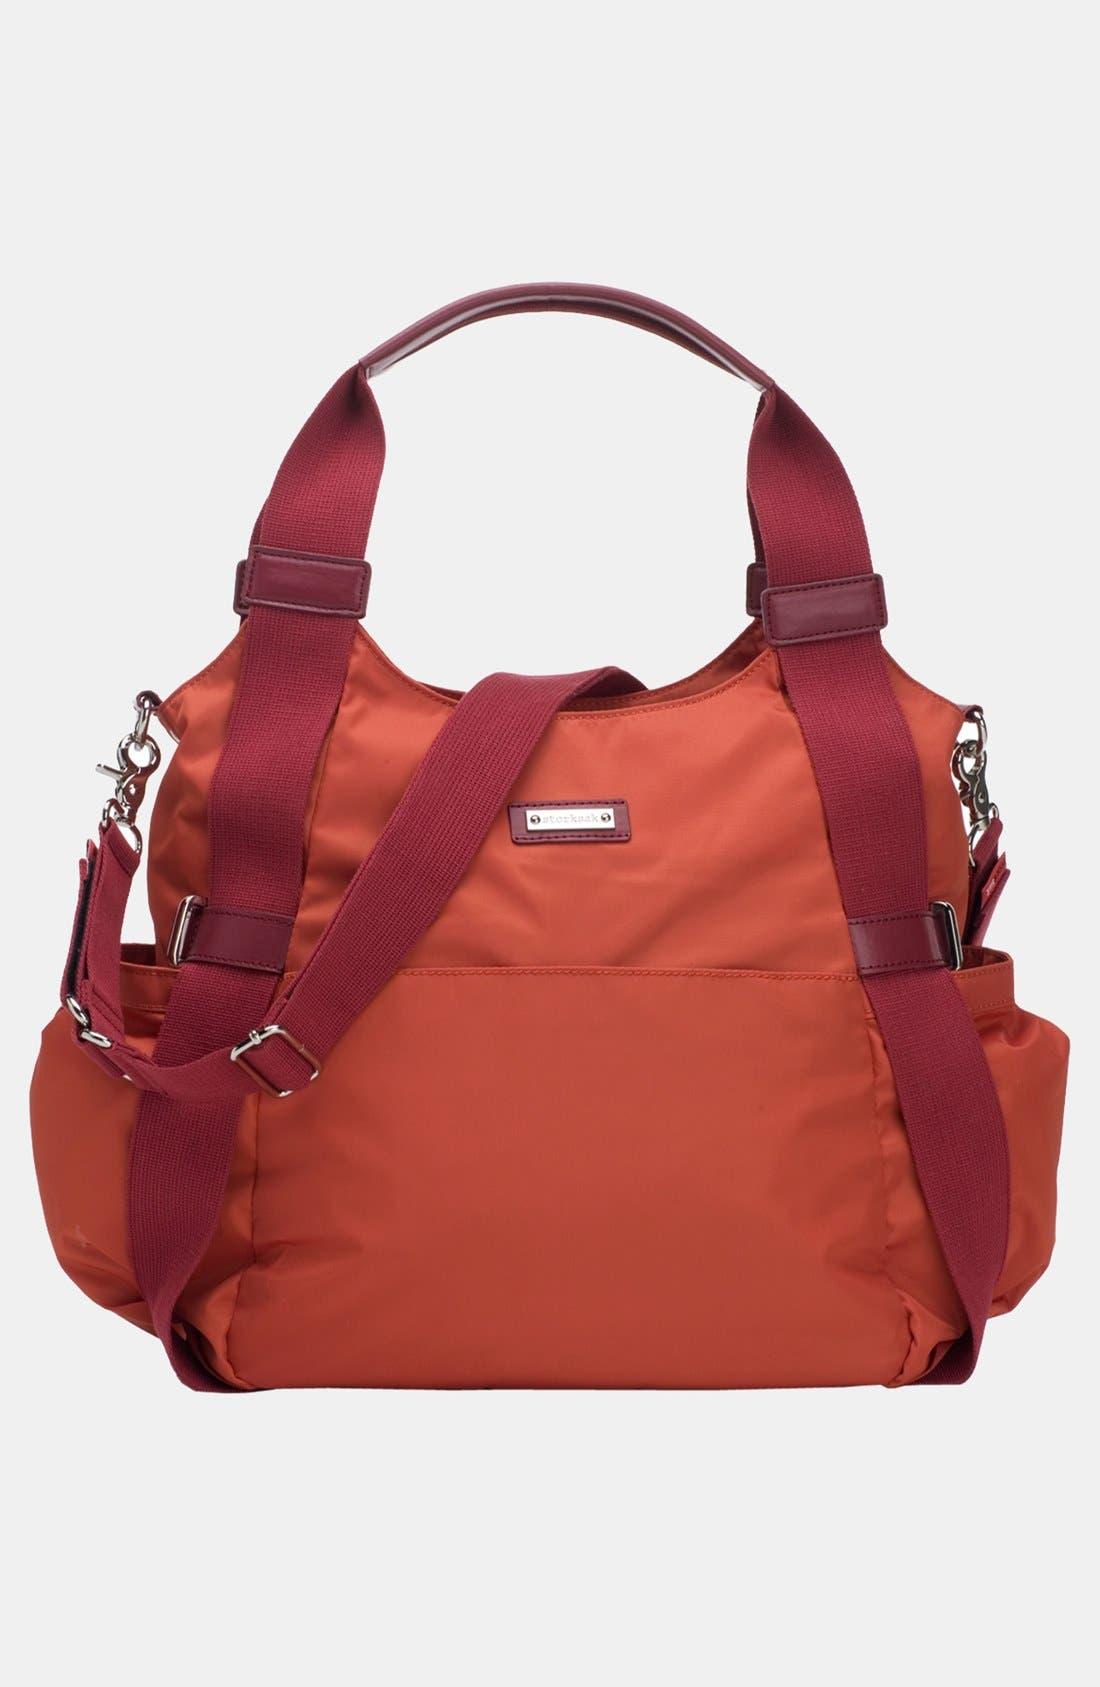 Alternate Image 1 Selected - Storksak 'Tania' Diaper Bag